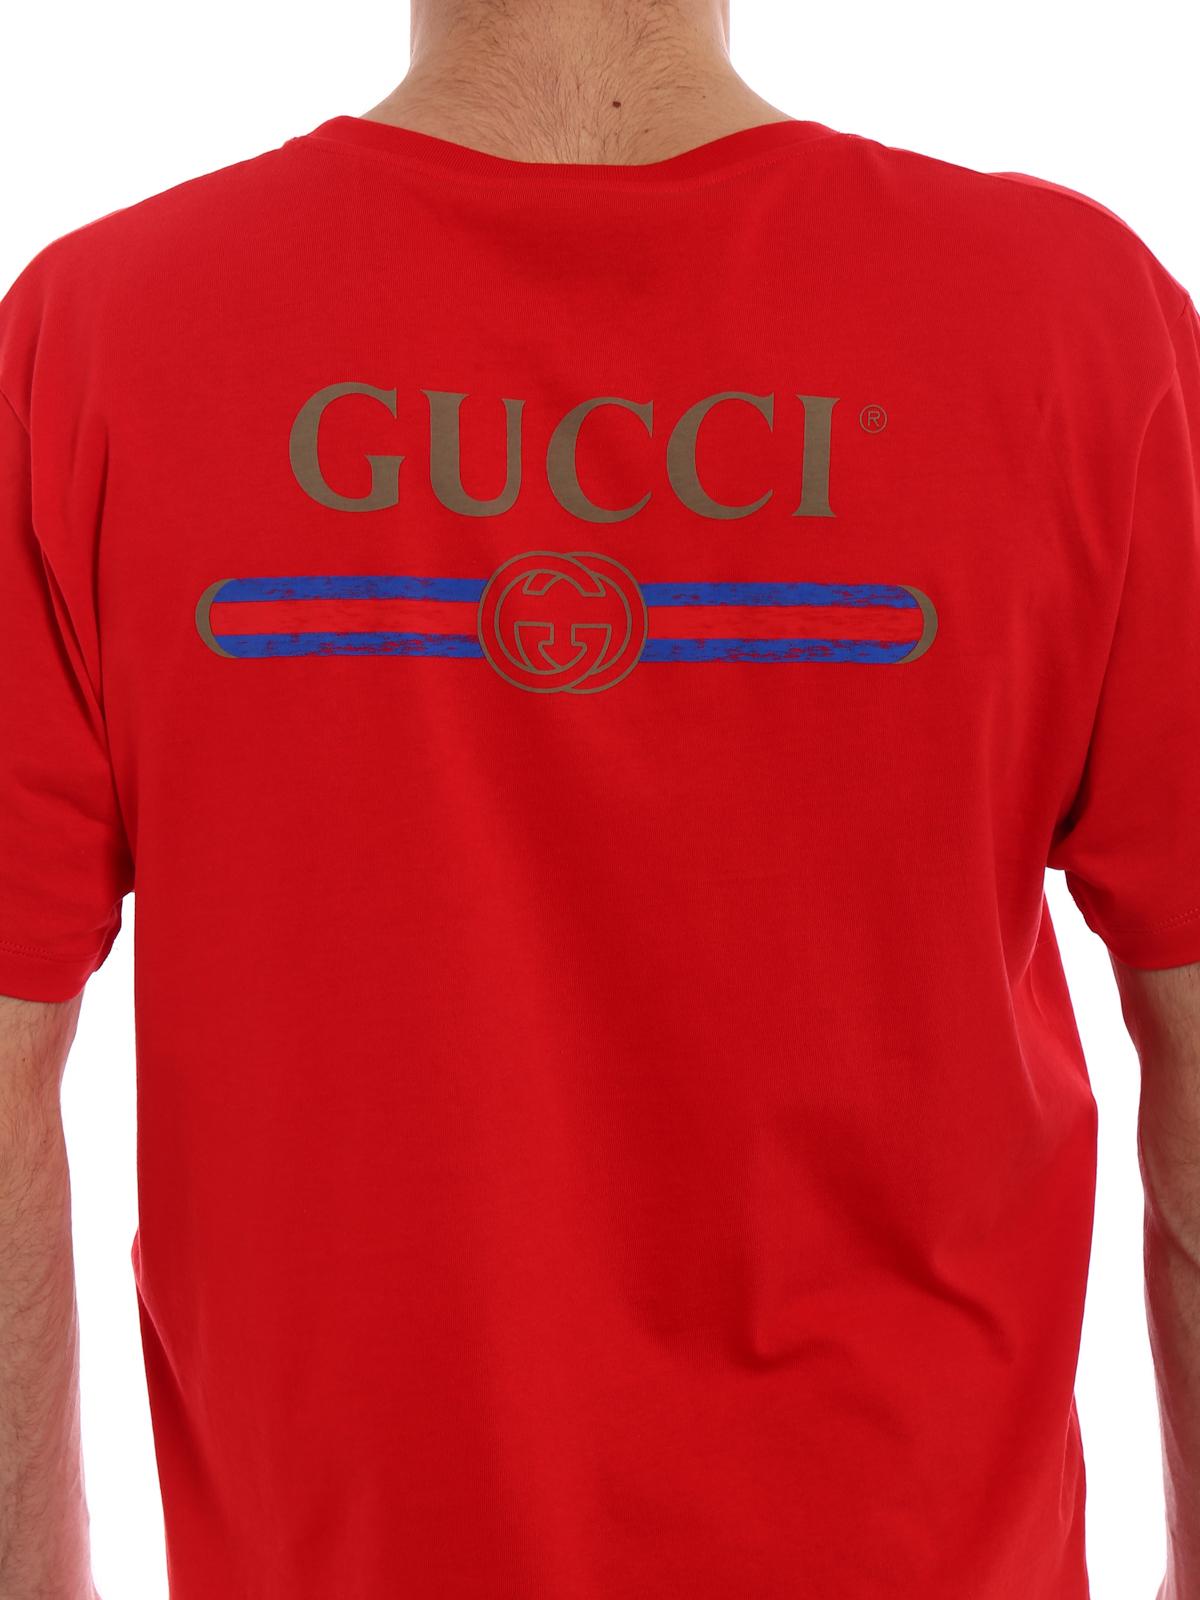 3e4e8b5b64f8b Gucci - Back logo print red Tee - t-shirts - 493117X3I826440